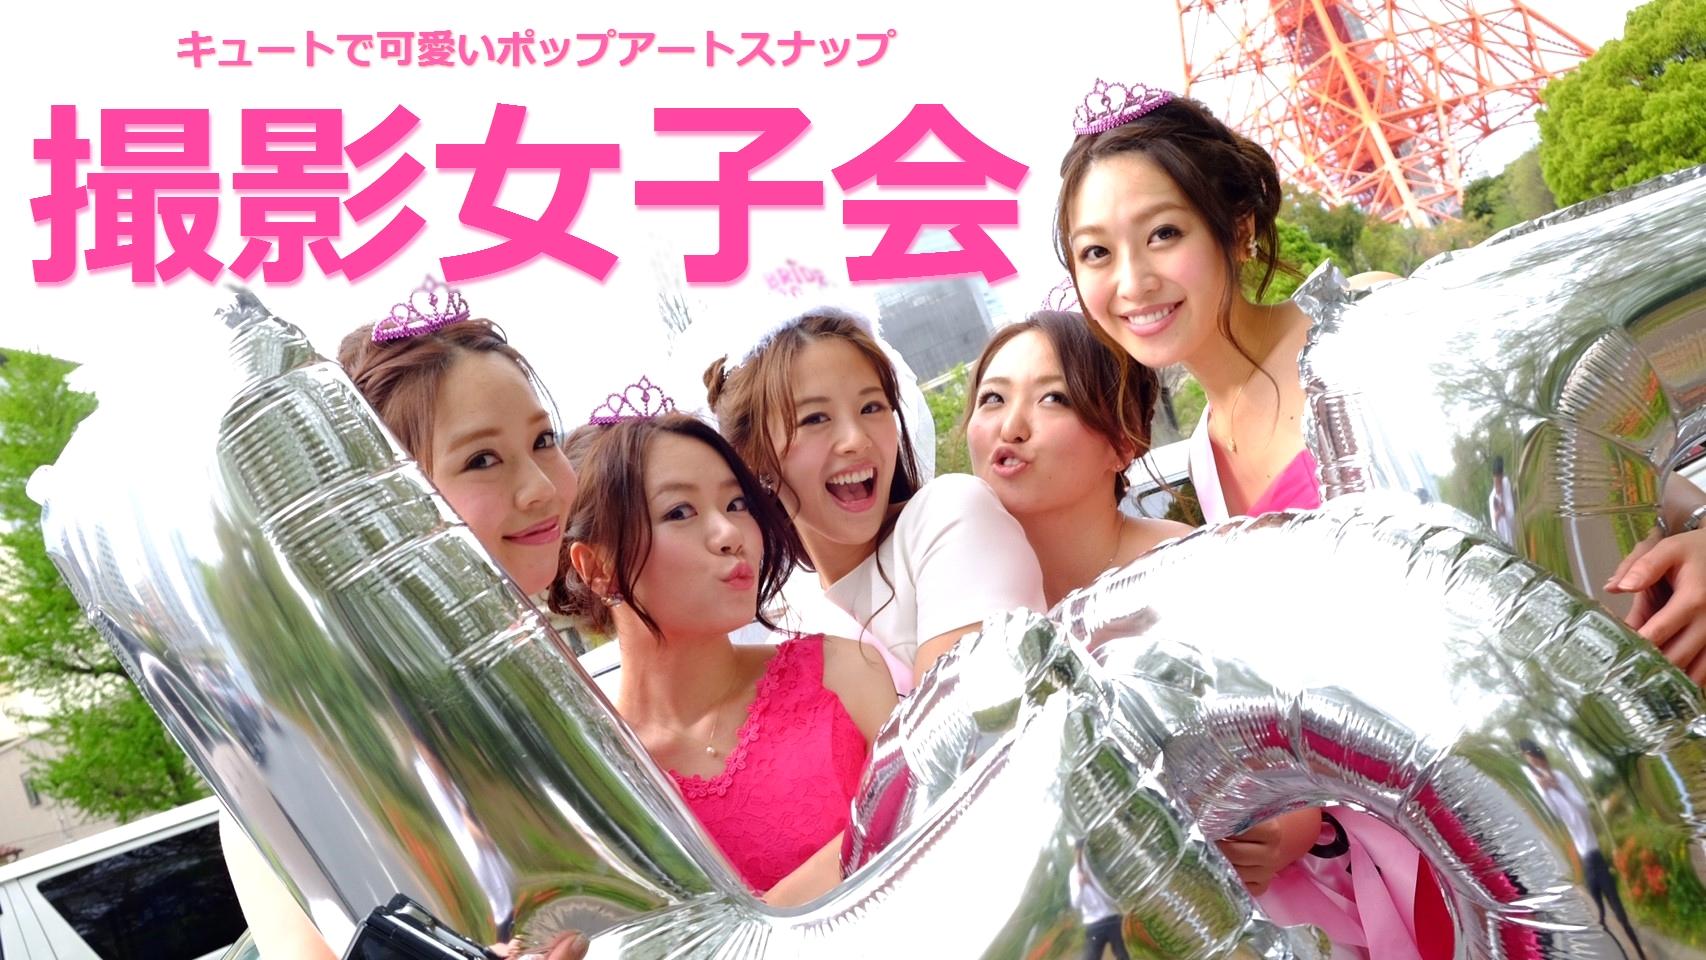 リムジン女子会東京で楽しめて格安の23,000円~ご利用頂けます。おすすめのリムジン女子会プランをご紹介します